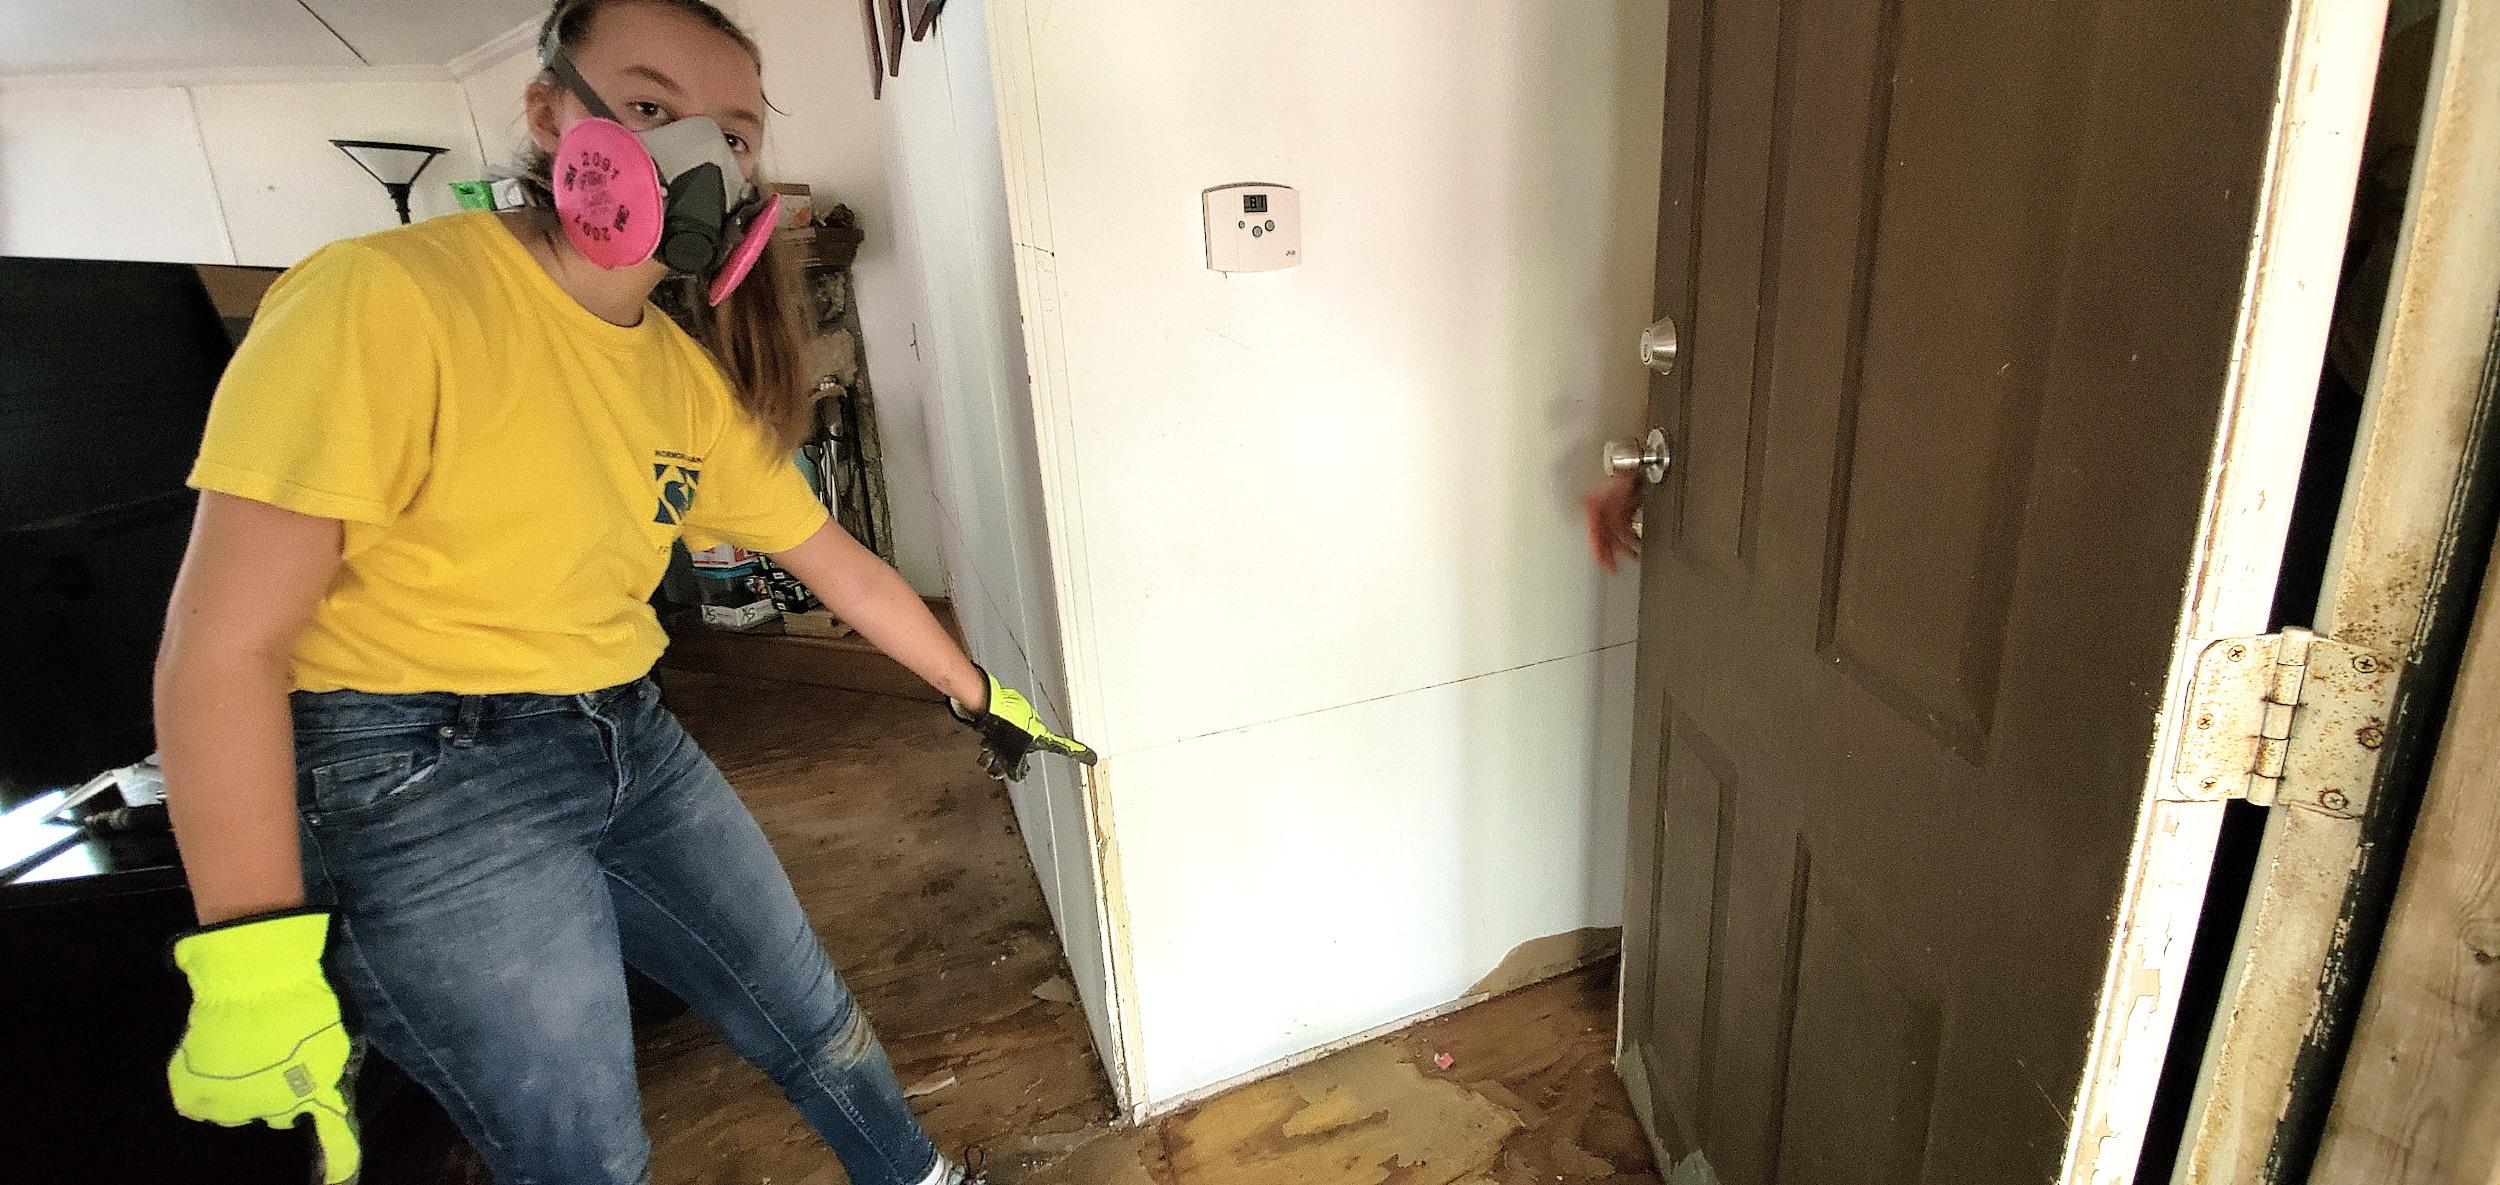 Elizabeth Mangum helps with cleanup in the home of Church member Fele Hernandez.